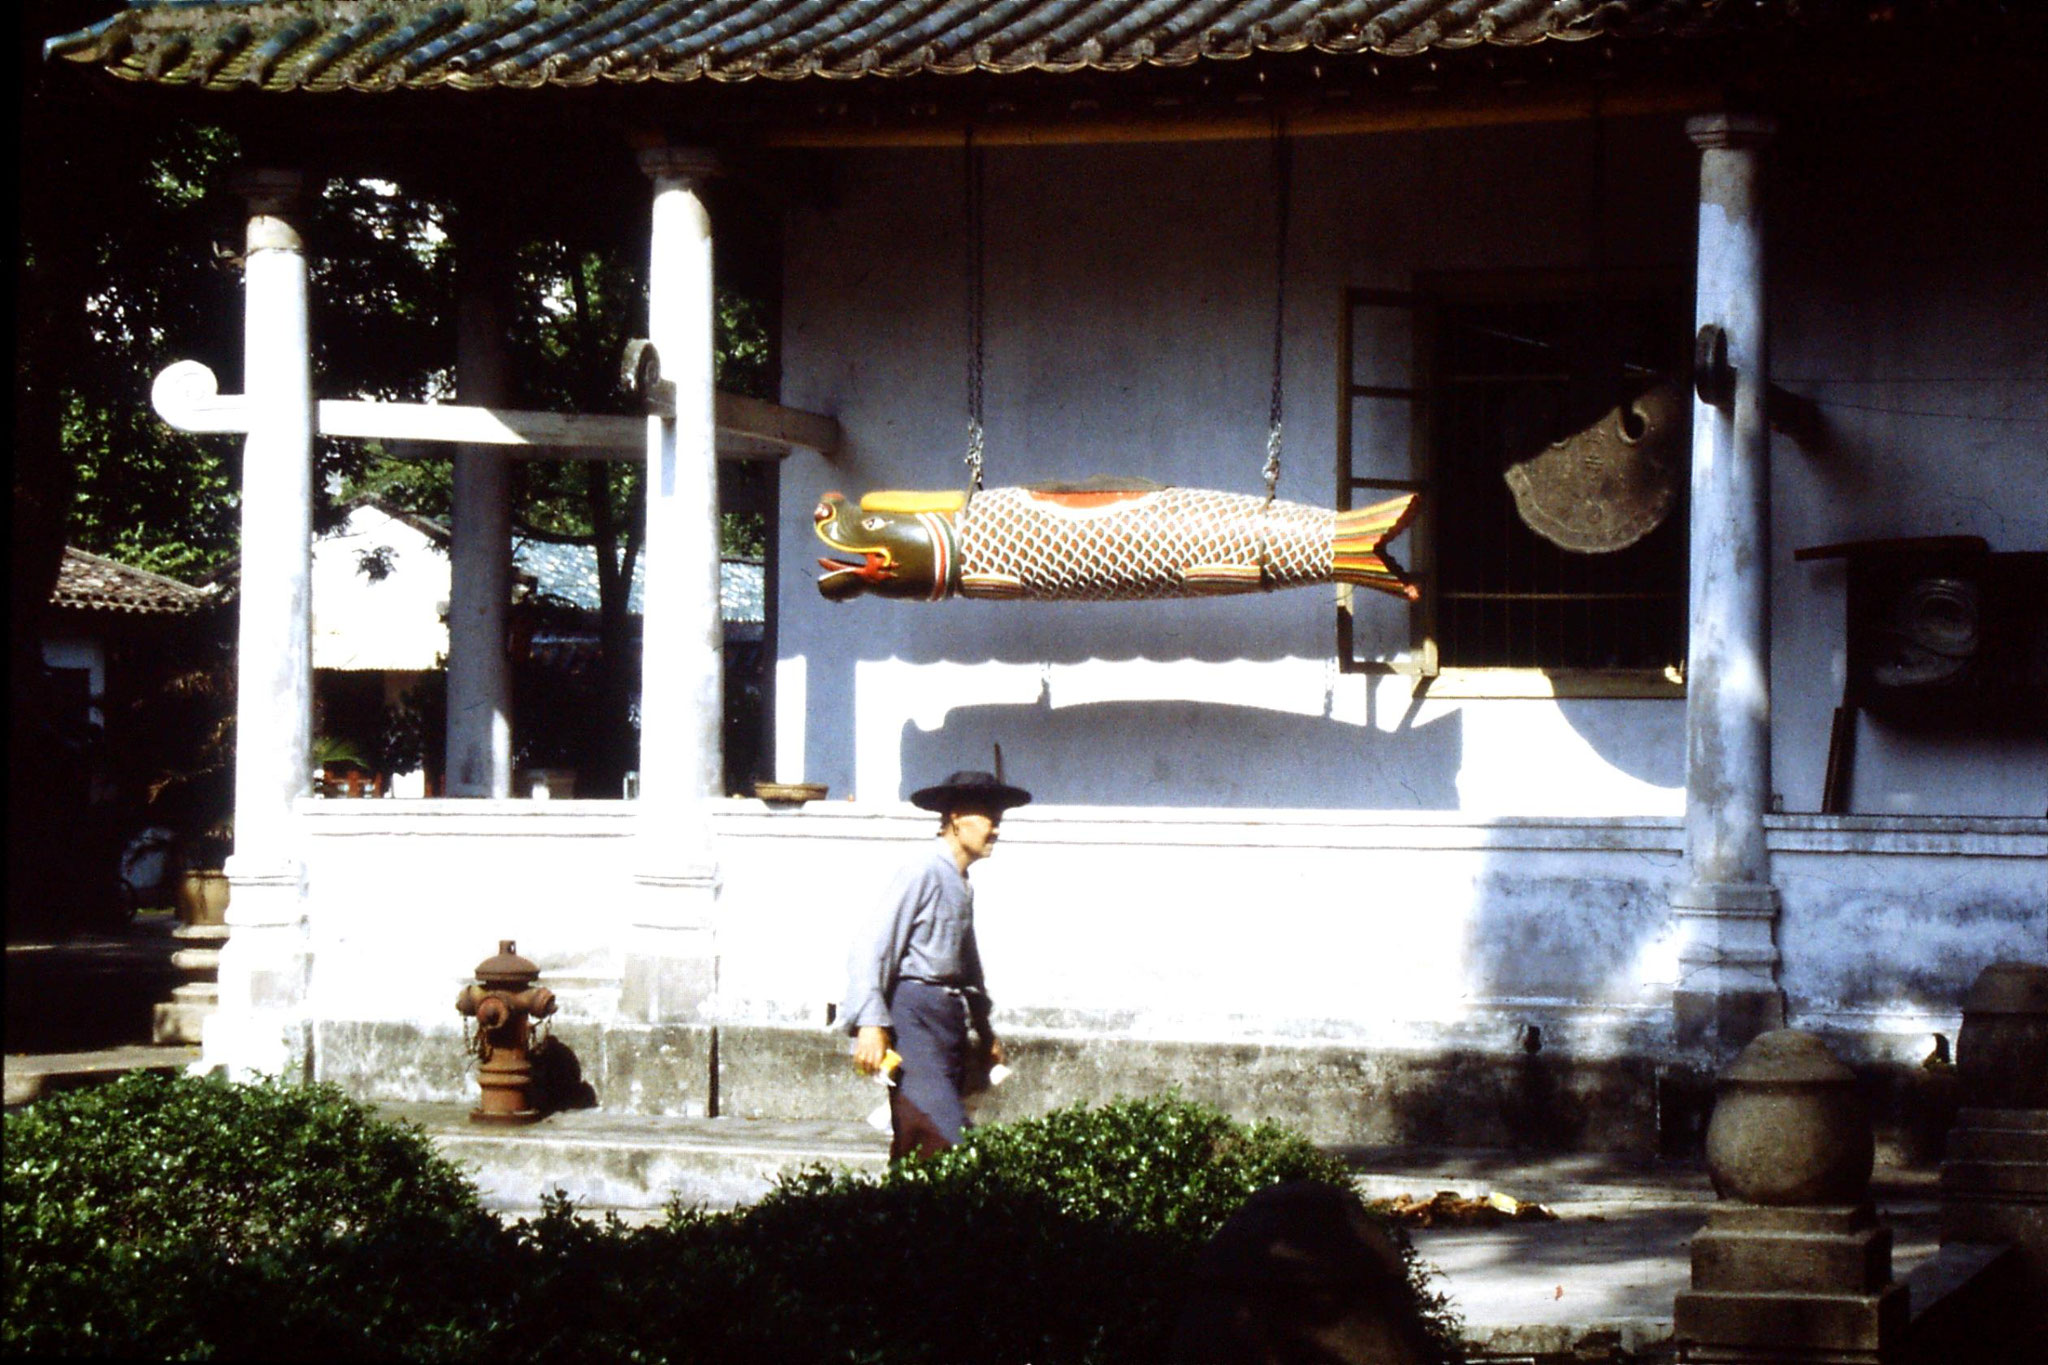 18/5/1989: 7: Guangzhou Filial Piety Temple